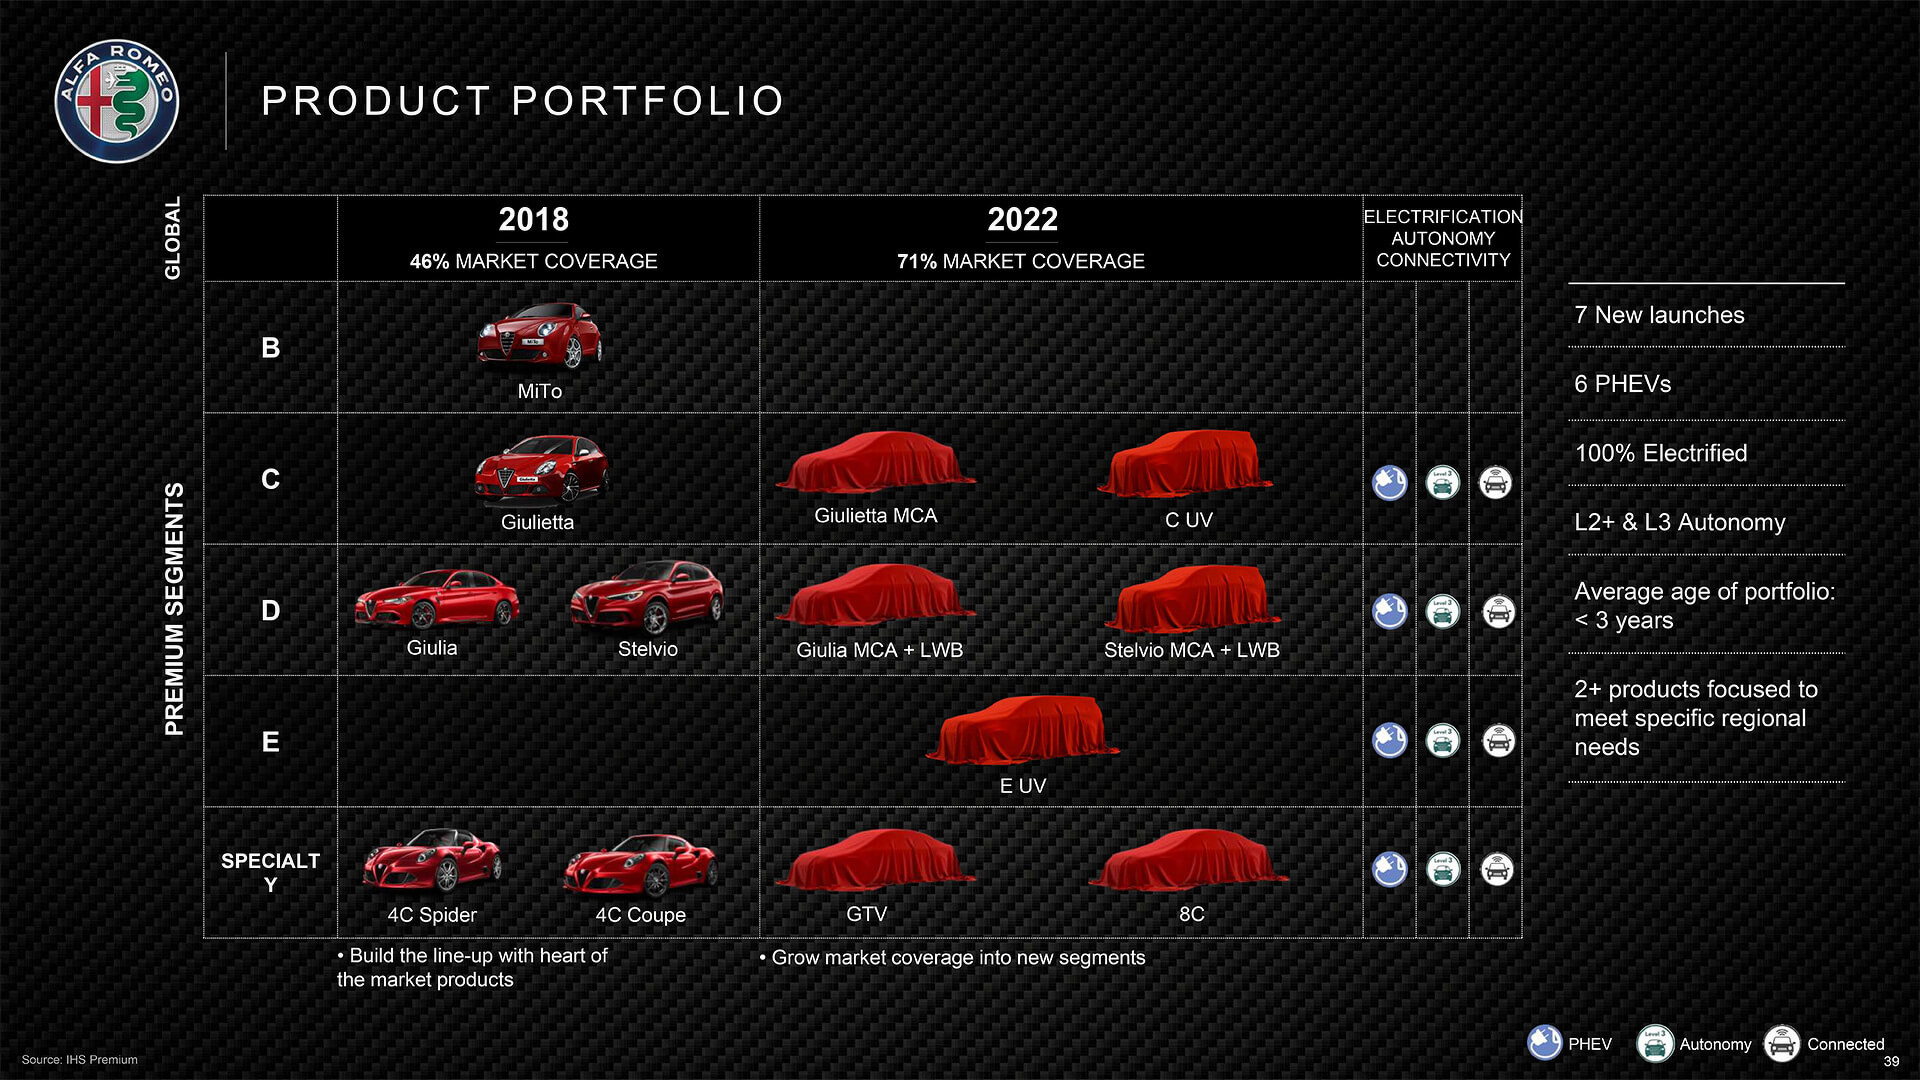 Запланированные к выходу плагин-гибридные модели Alfa Romeo